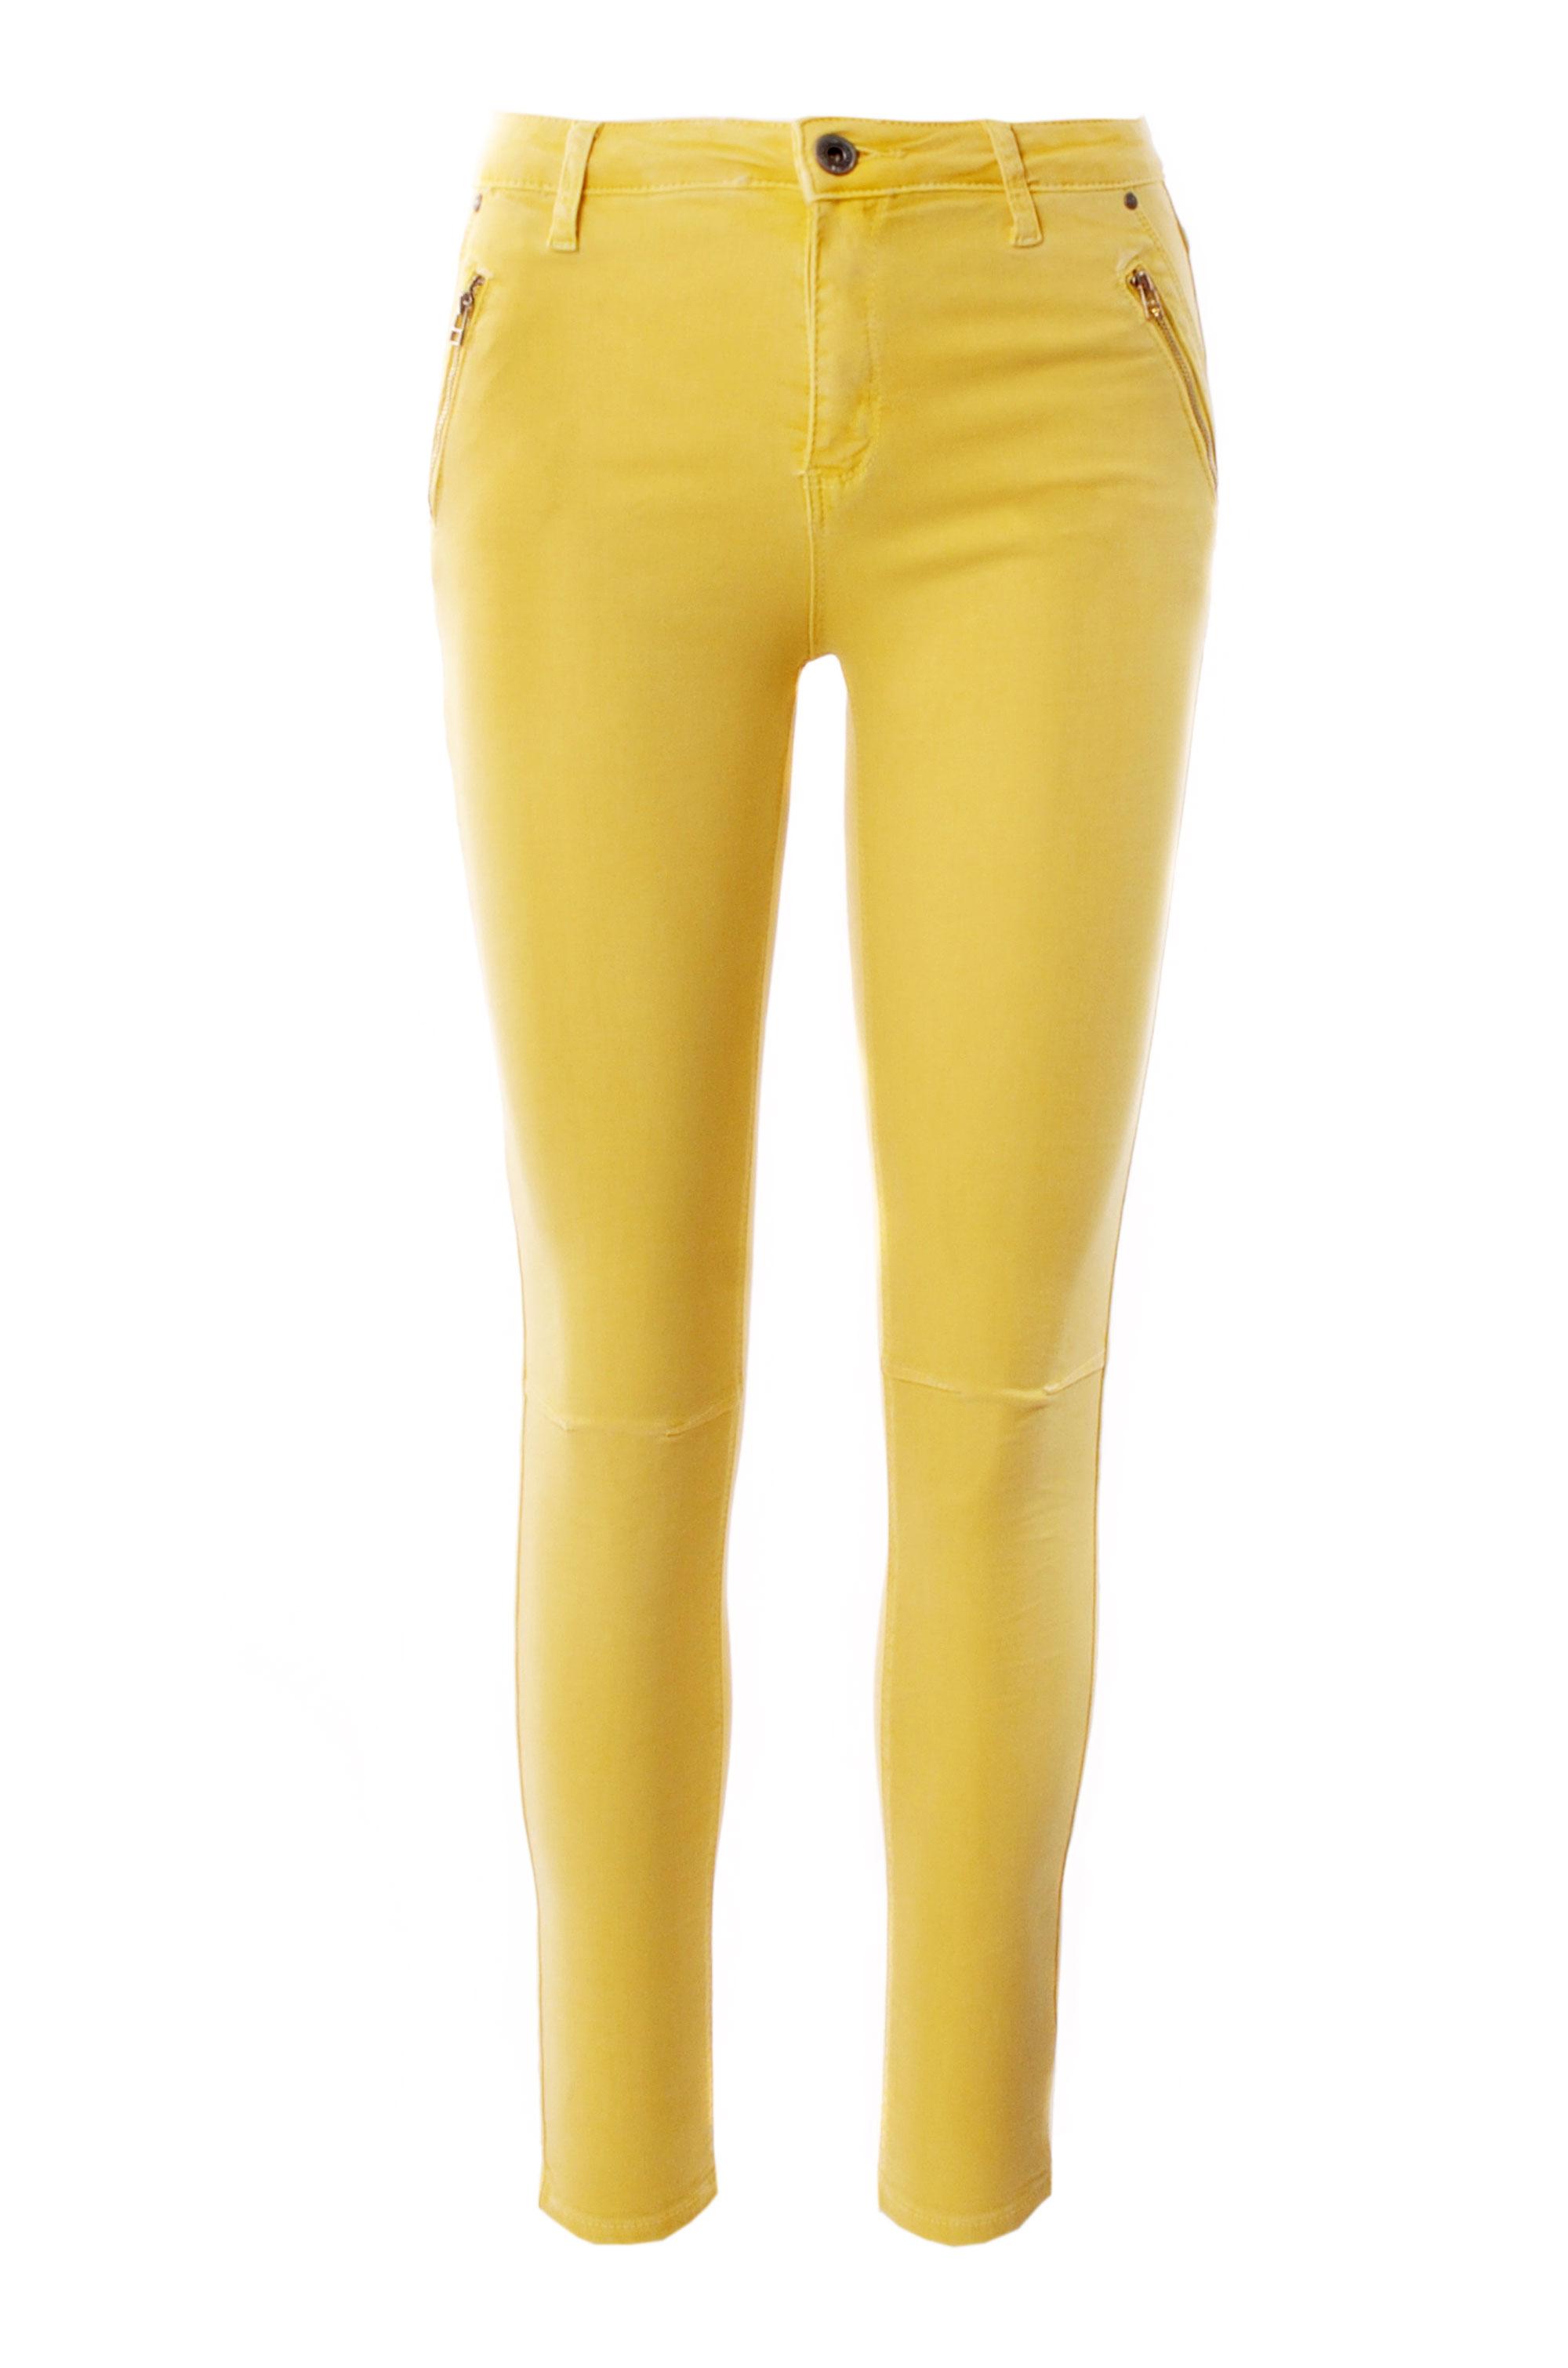 Spodnie - 42-6243 GIALL - Unisono